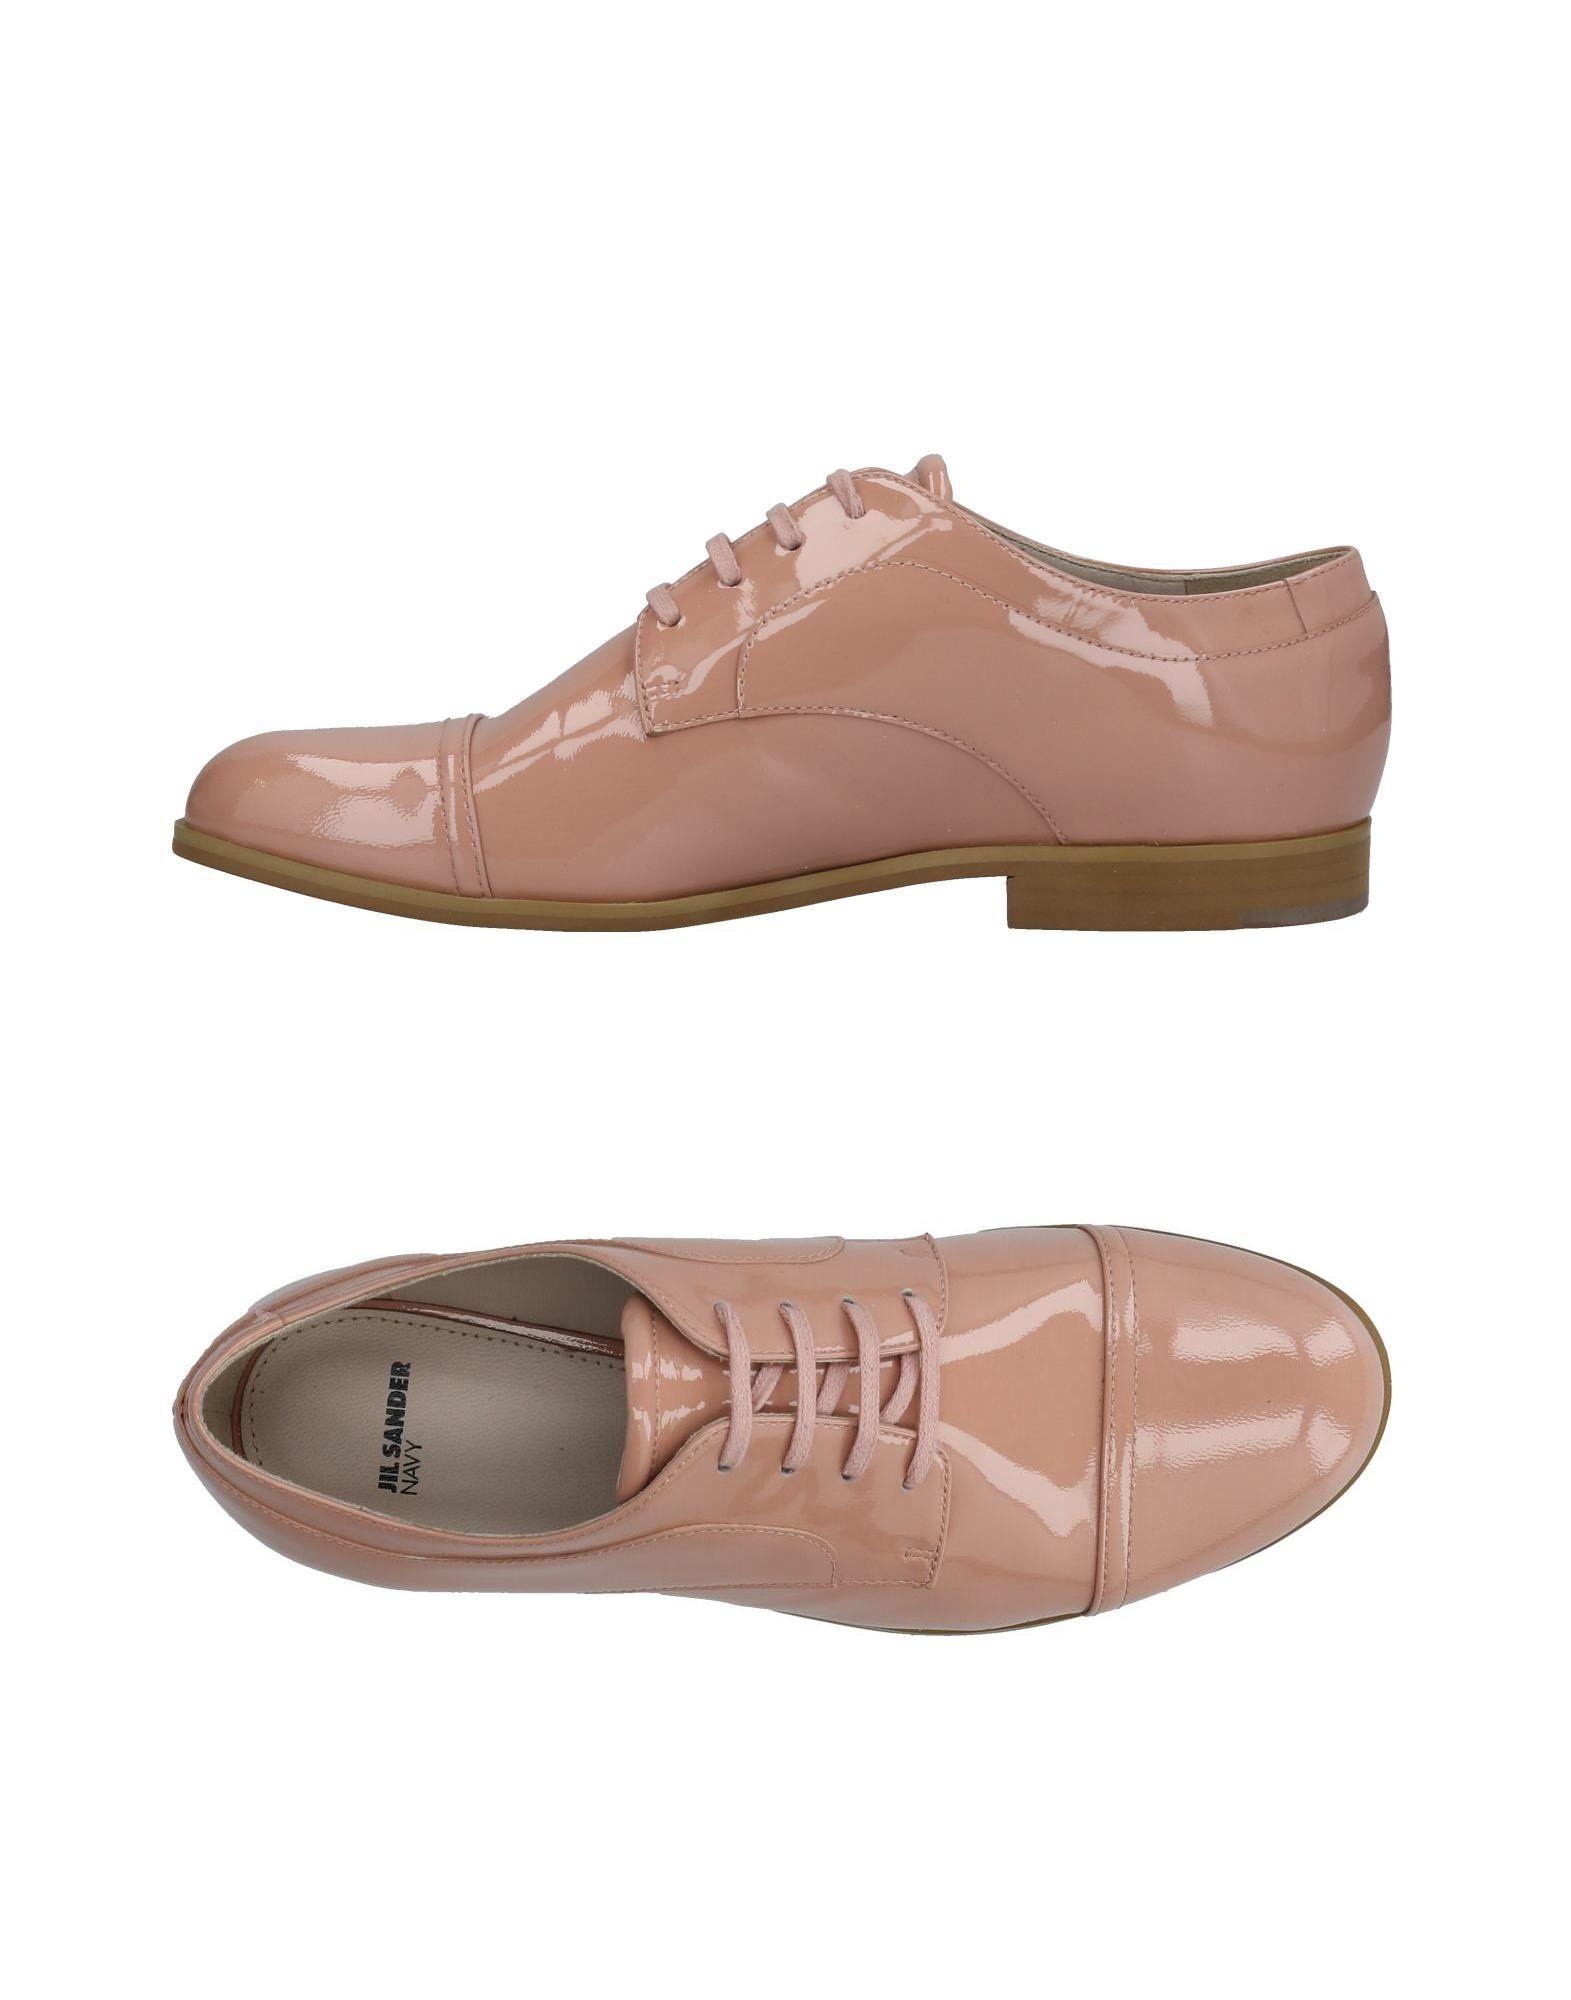 Stilvolle billige Schuhe Jil Sander Navy Schnürschuhe Damen  11424338RG